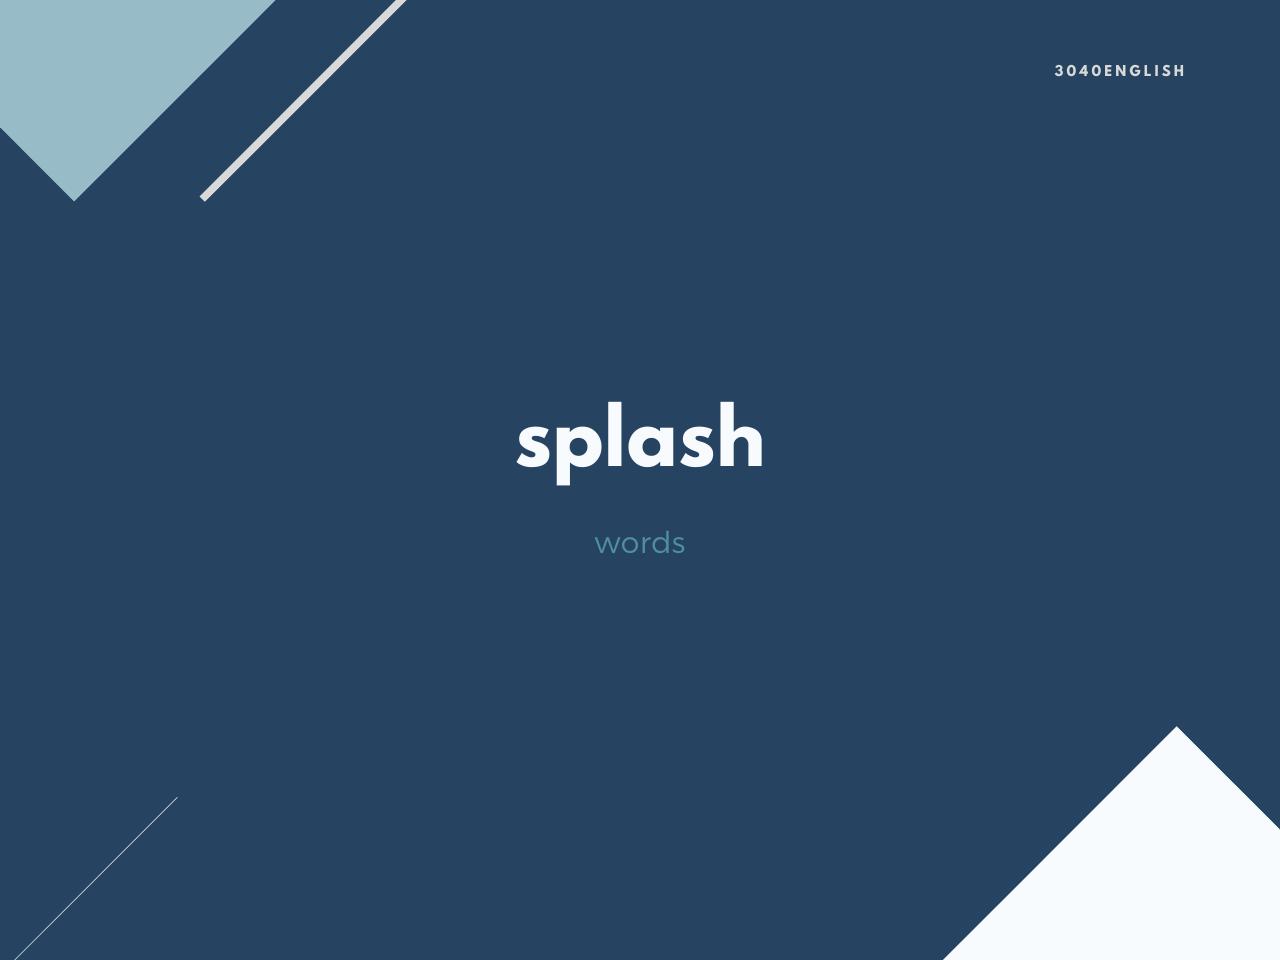 【スプラッシュ】splash の意味と簡単な使い方【英語表現・例文あり】